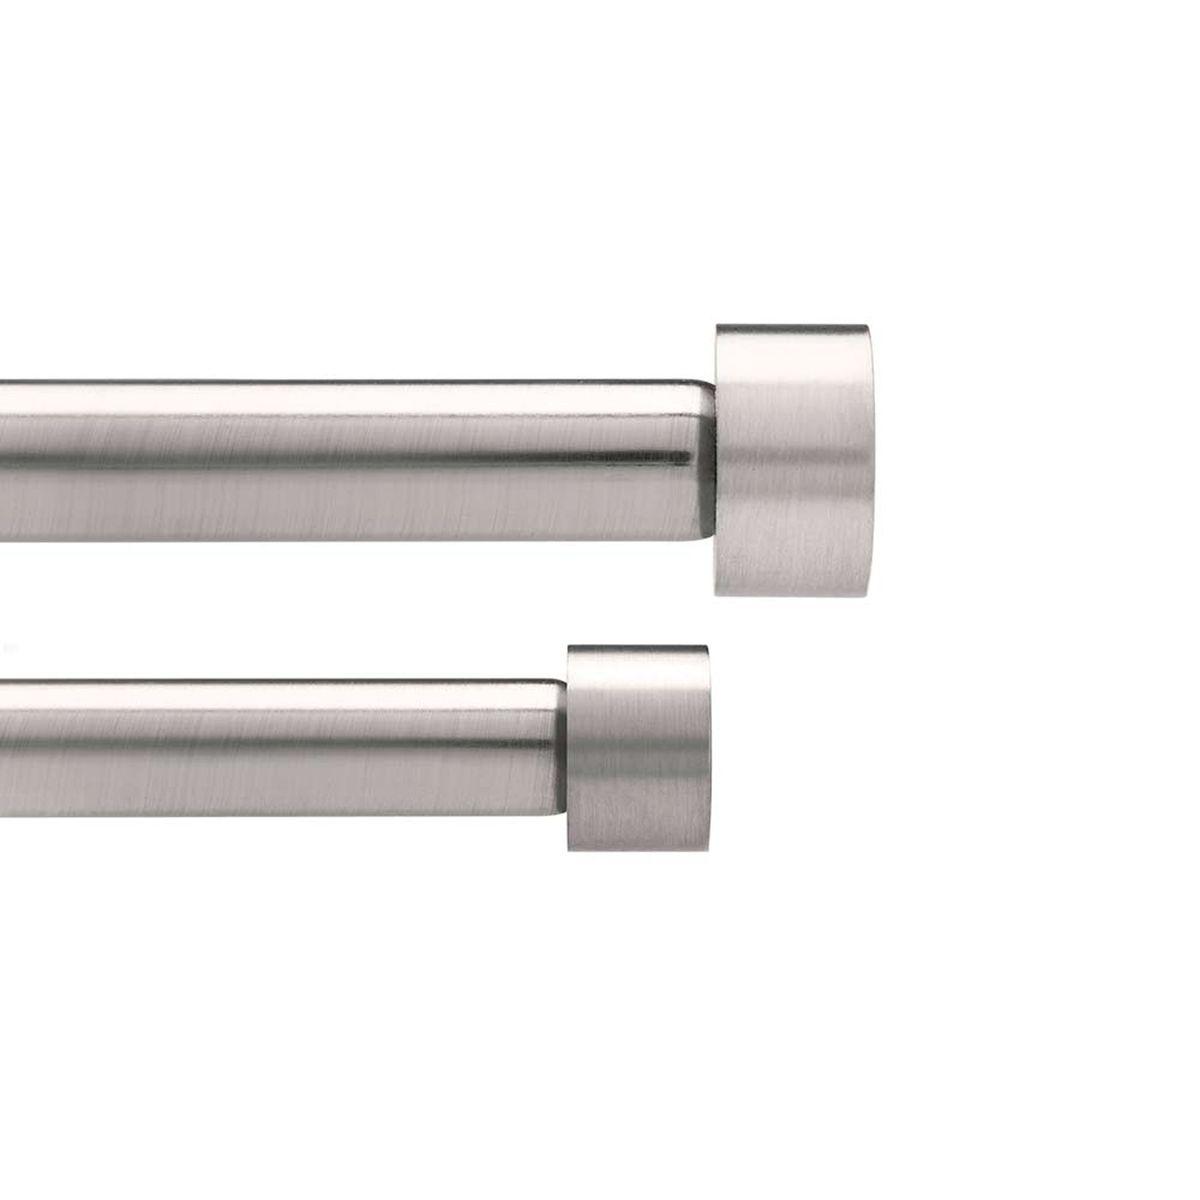 Карниз двухрядный Umbra Cappa, длина 91-183 см245963-410Двухрядный карниз Umbra Cappa выполнен из нержавеющей стали. Имеет телескопическую конструкцию, которая позволяет регулировать его длину, и металлические украшения в виде насадок по краям.Такой карниз будет органично смотреться в любом интерьере.Диаметр переднего карниза: 19 мм. Диаметр заднего карниза: 16 мм. Крепления идут в комплекте.